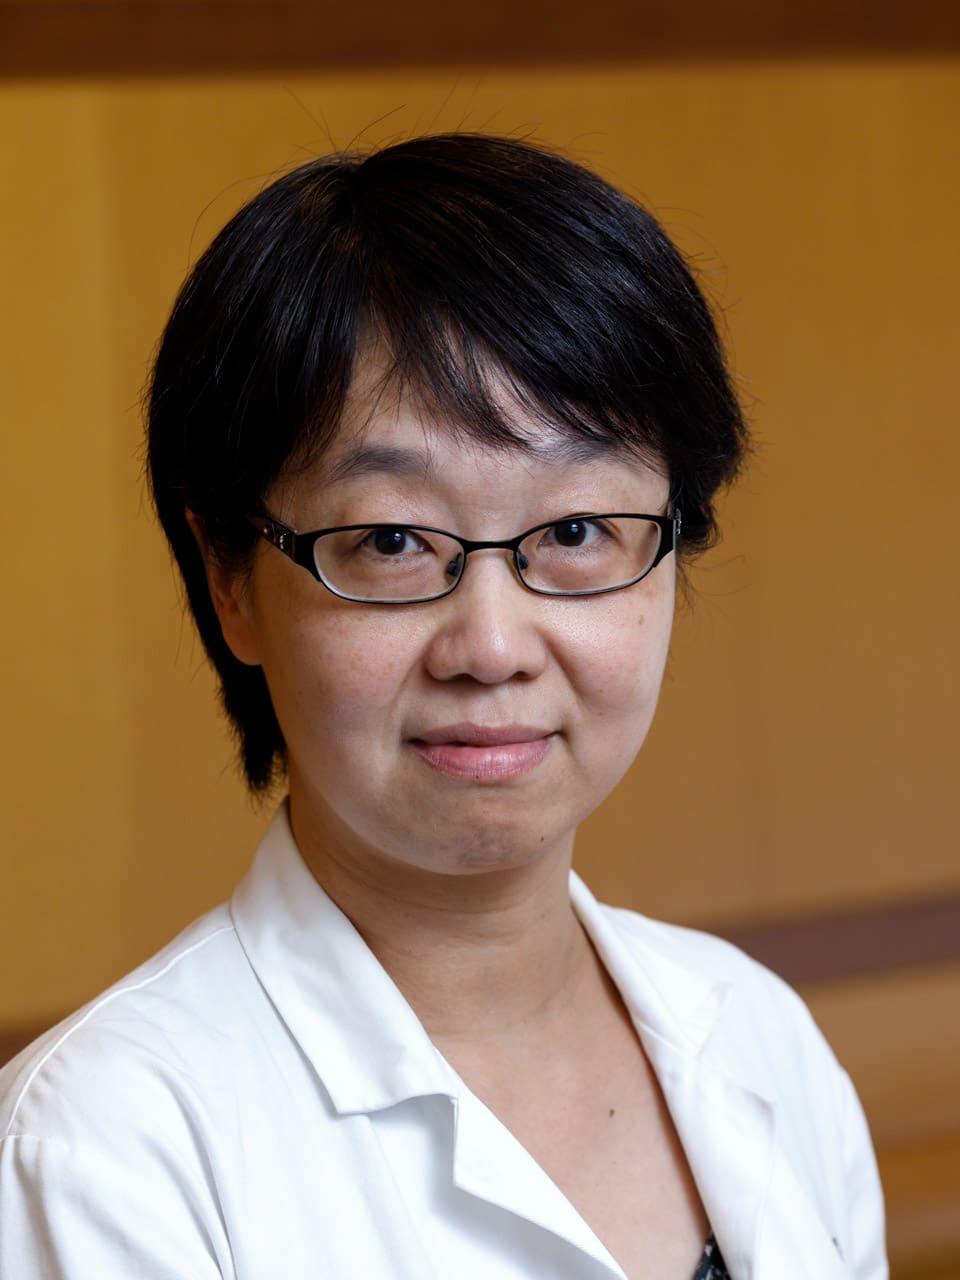 Mei Xue Dong